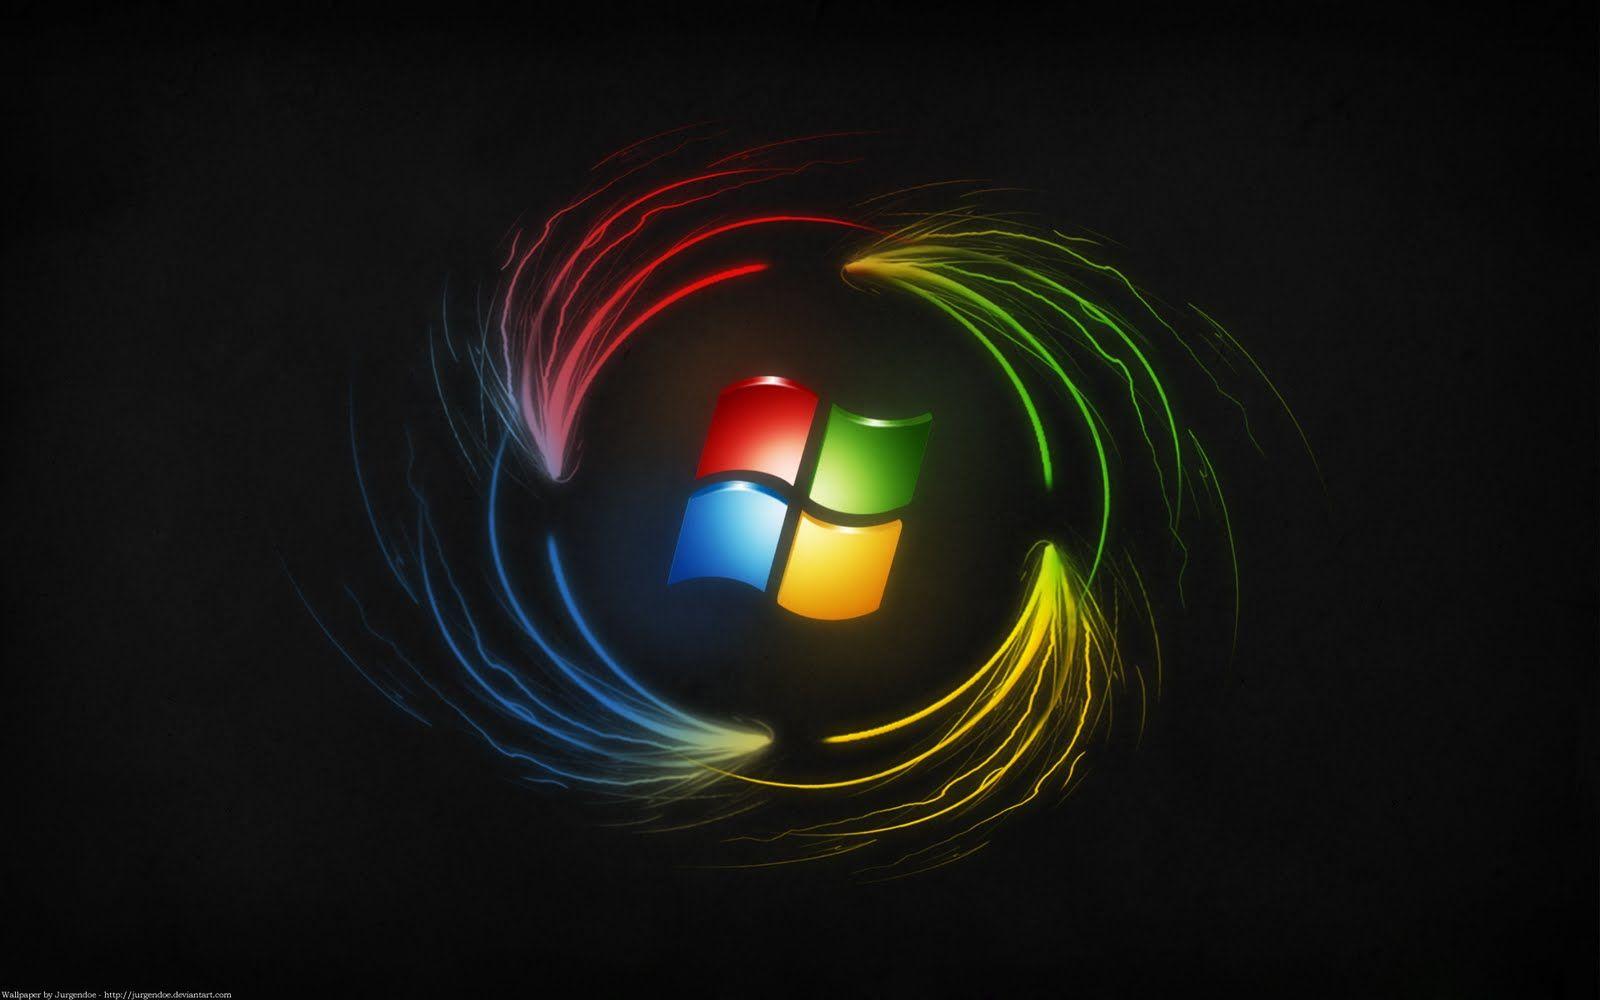 Unique Wallpaper Super Cool Windows 8 Wallpapers Hd Windows Wallpaper Microsoft Wallpaper Best Windows